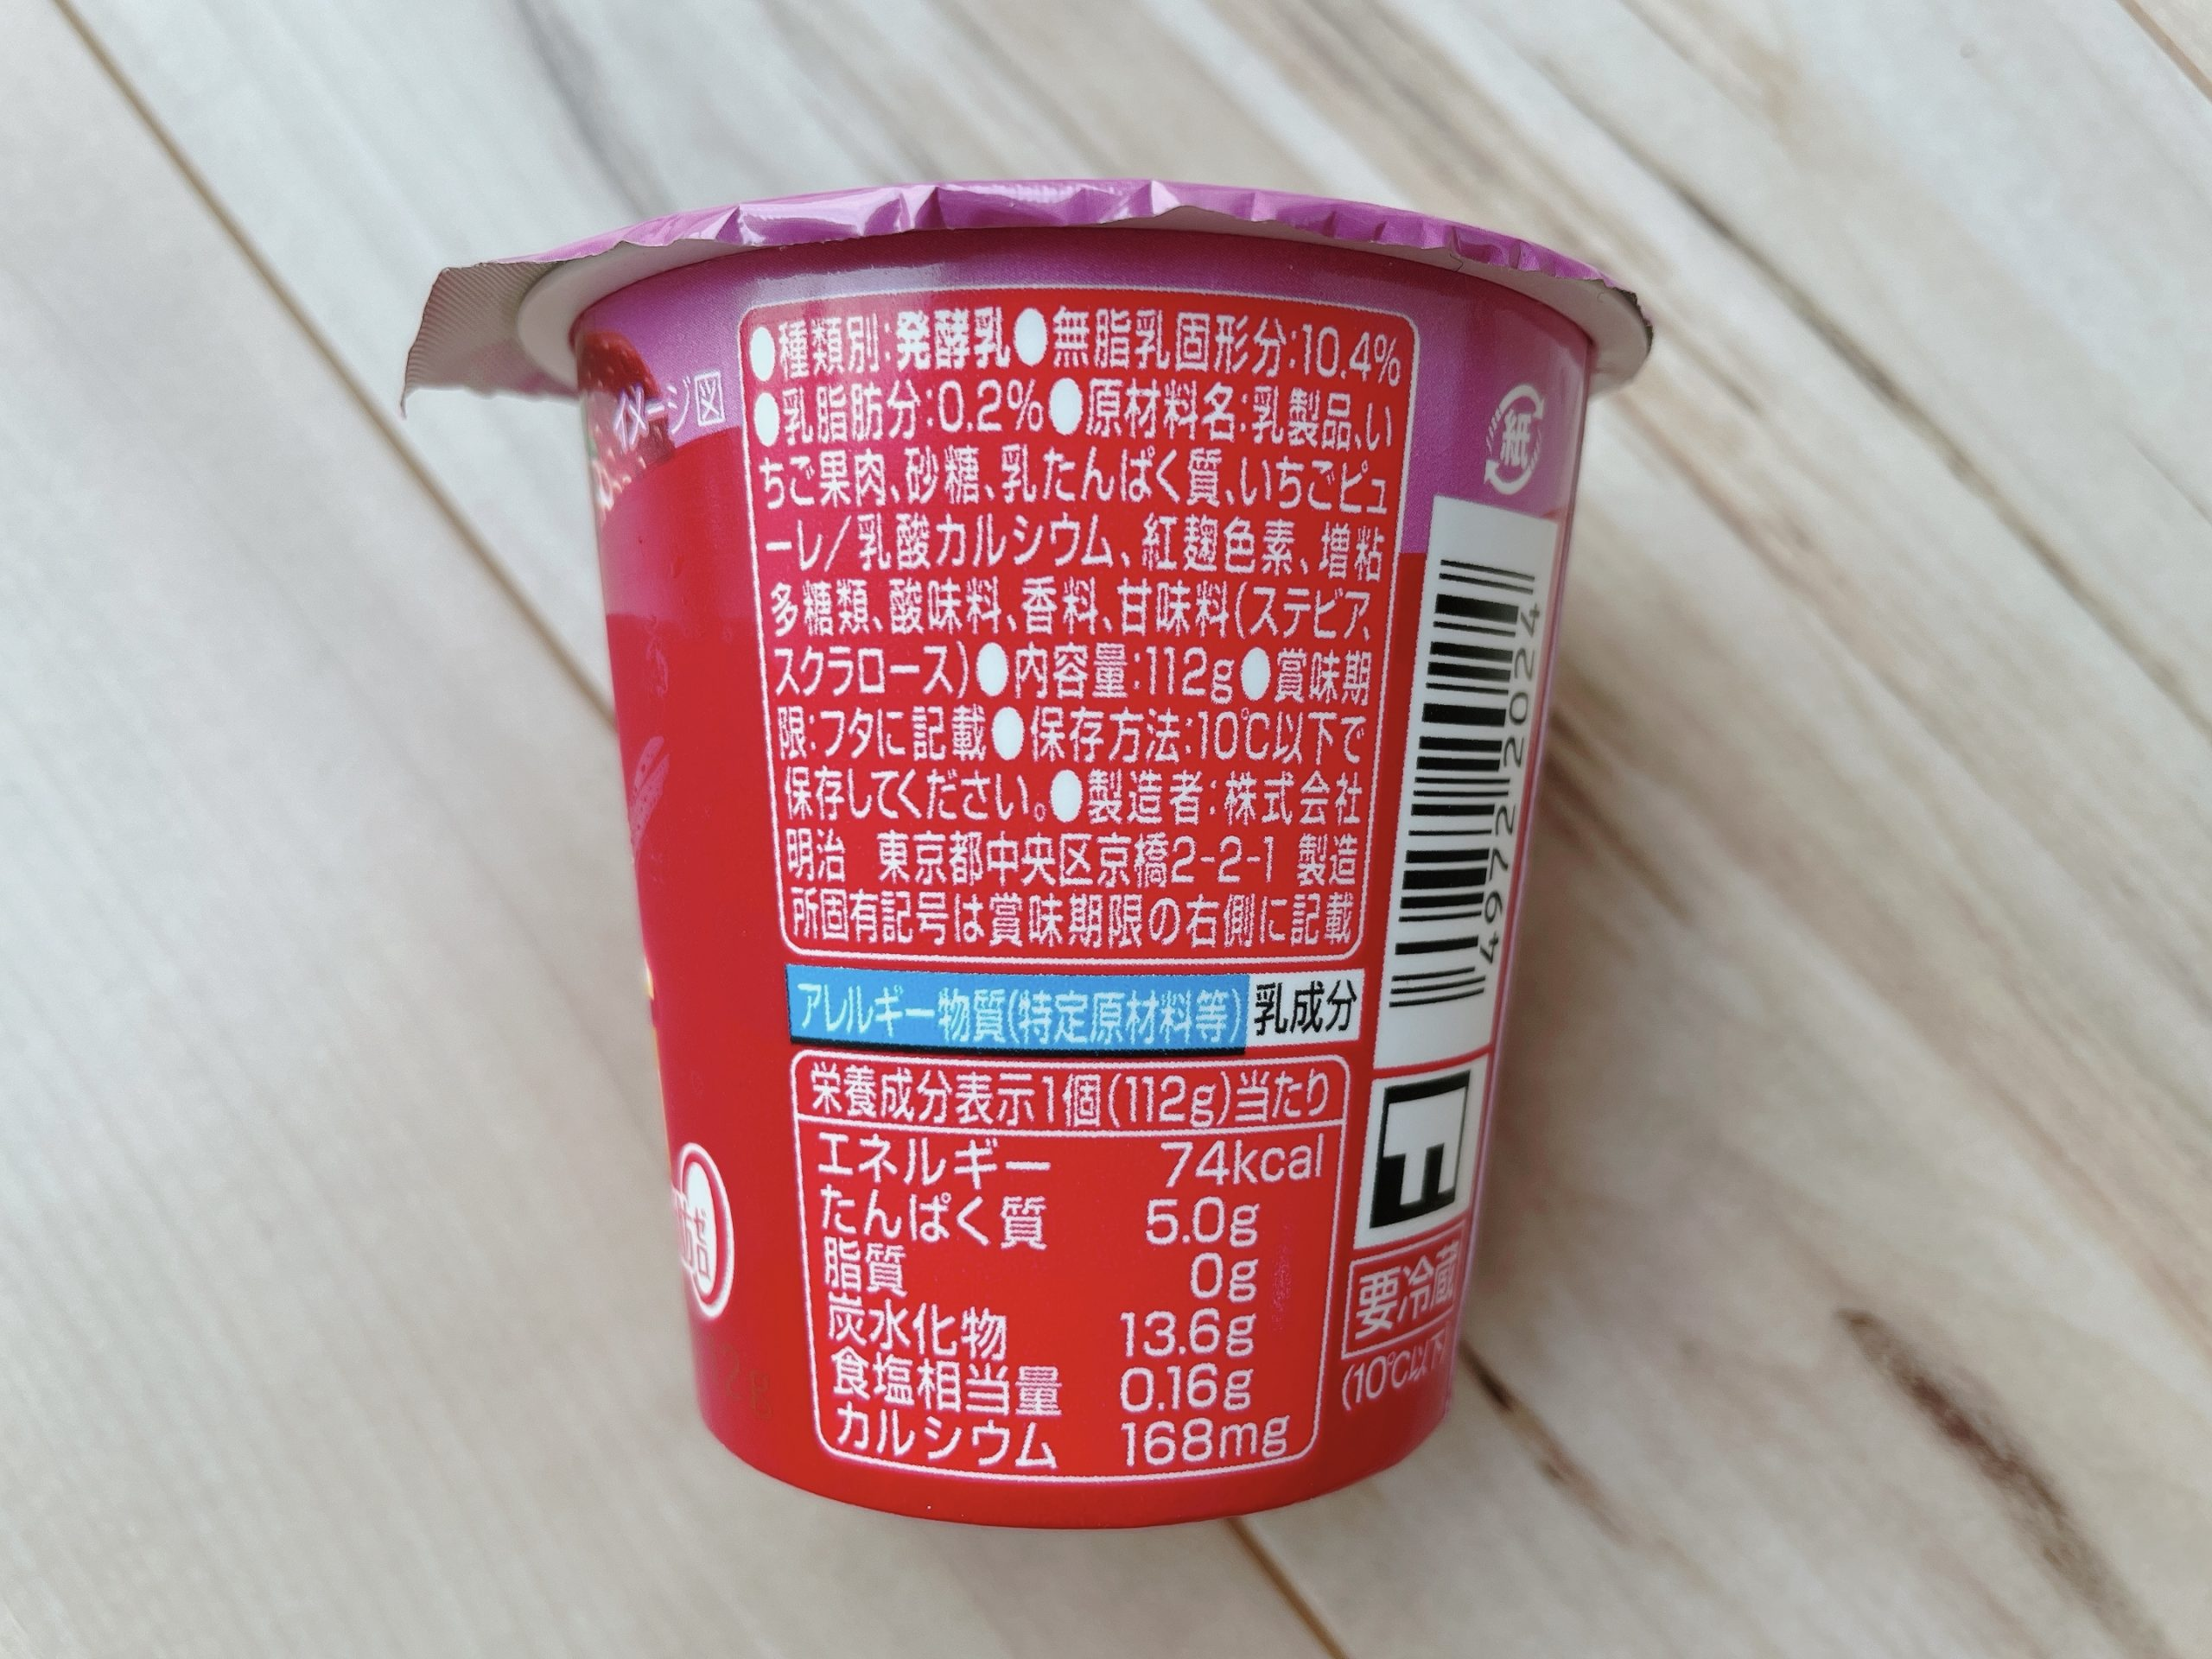 R-1ストロベリー脂肪0の原材料やカロリーなど